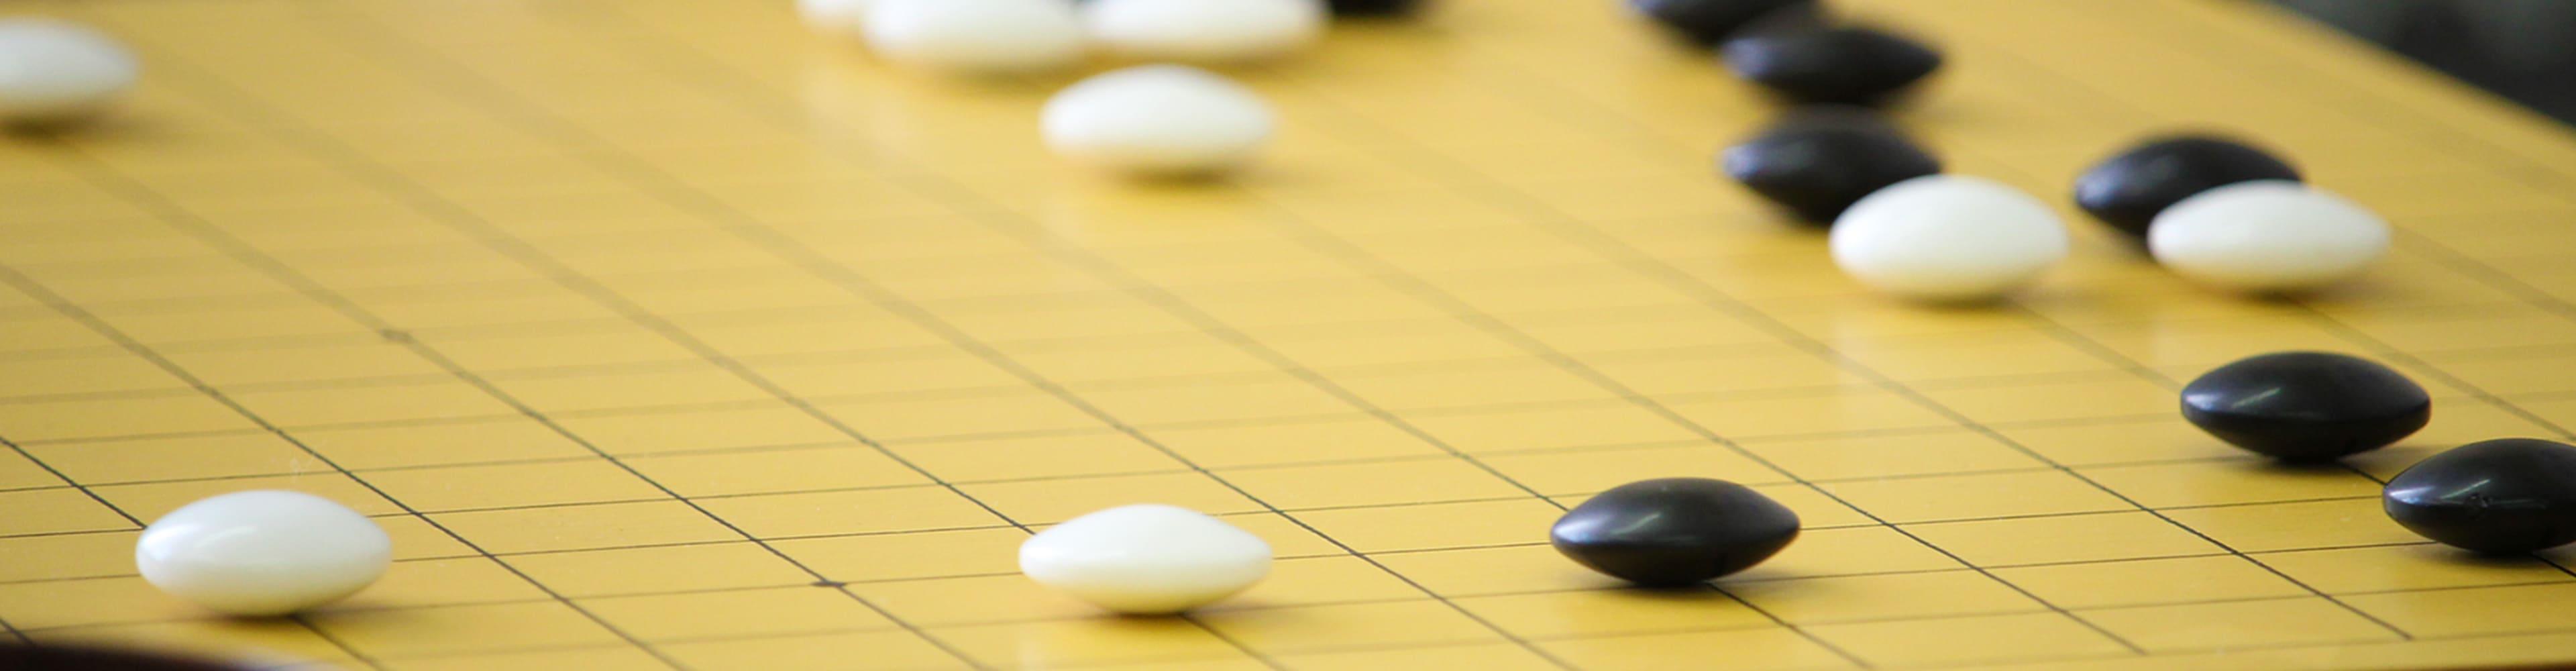 ご利用案内 薬円台囲碁クラブ